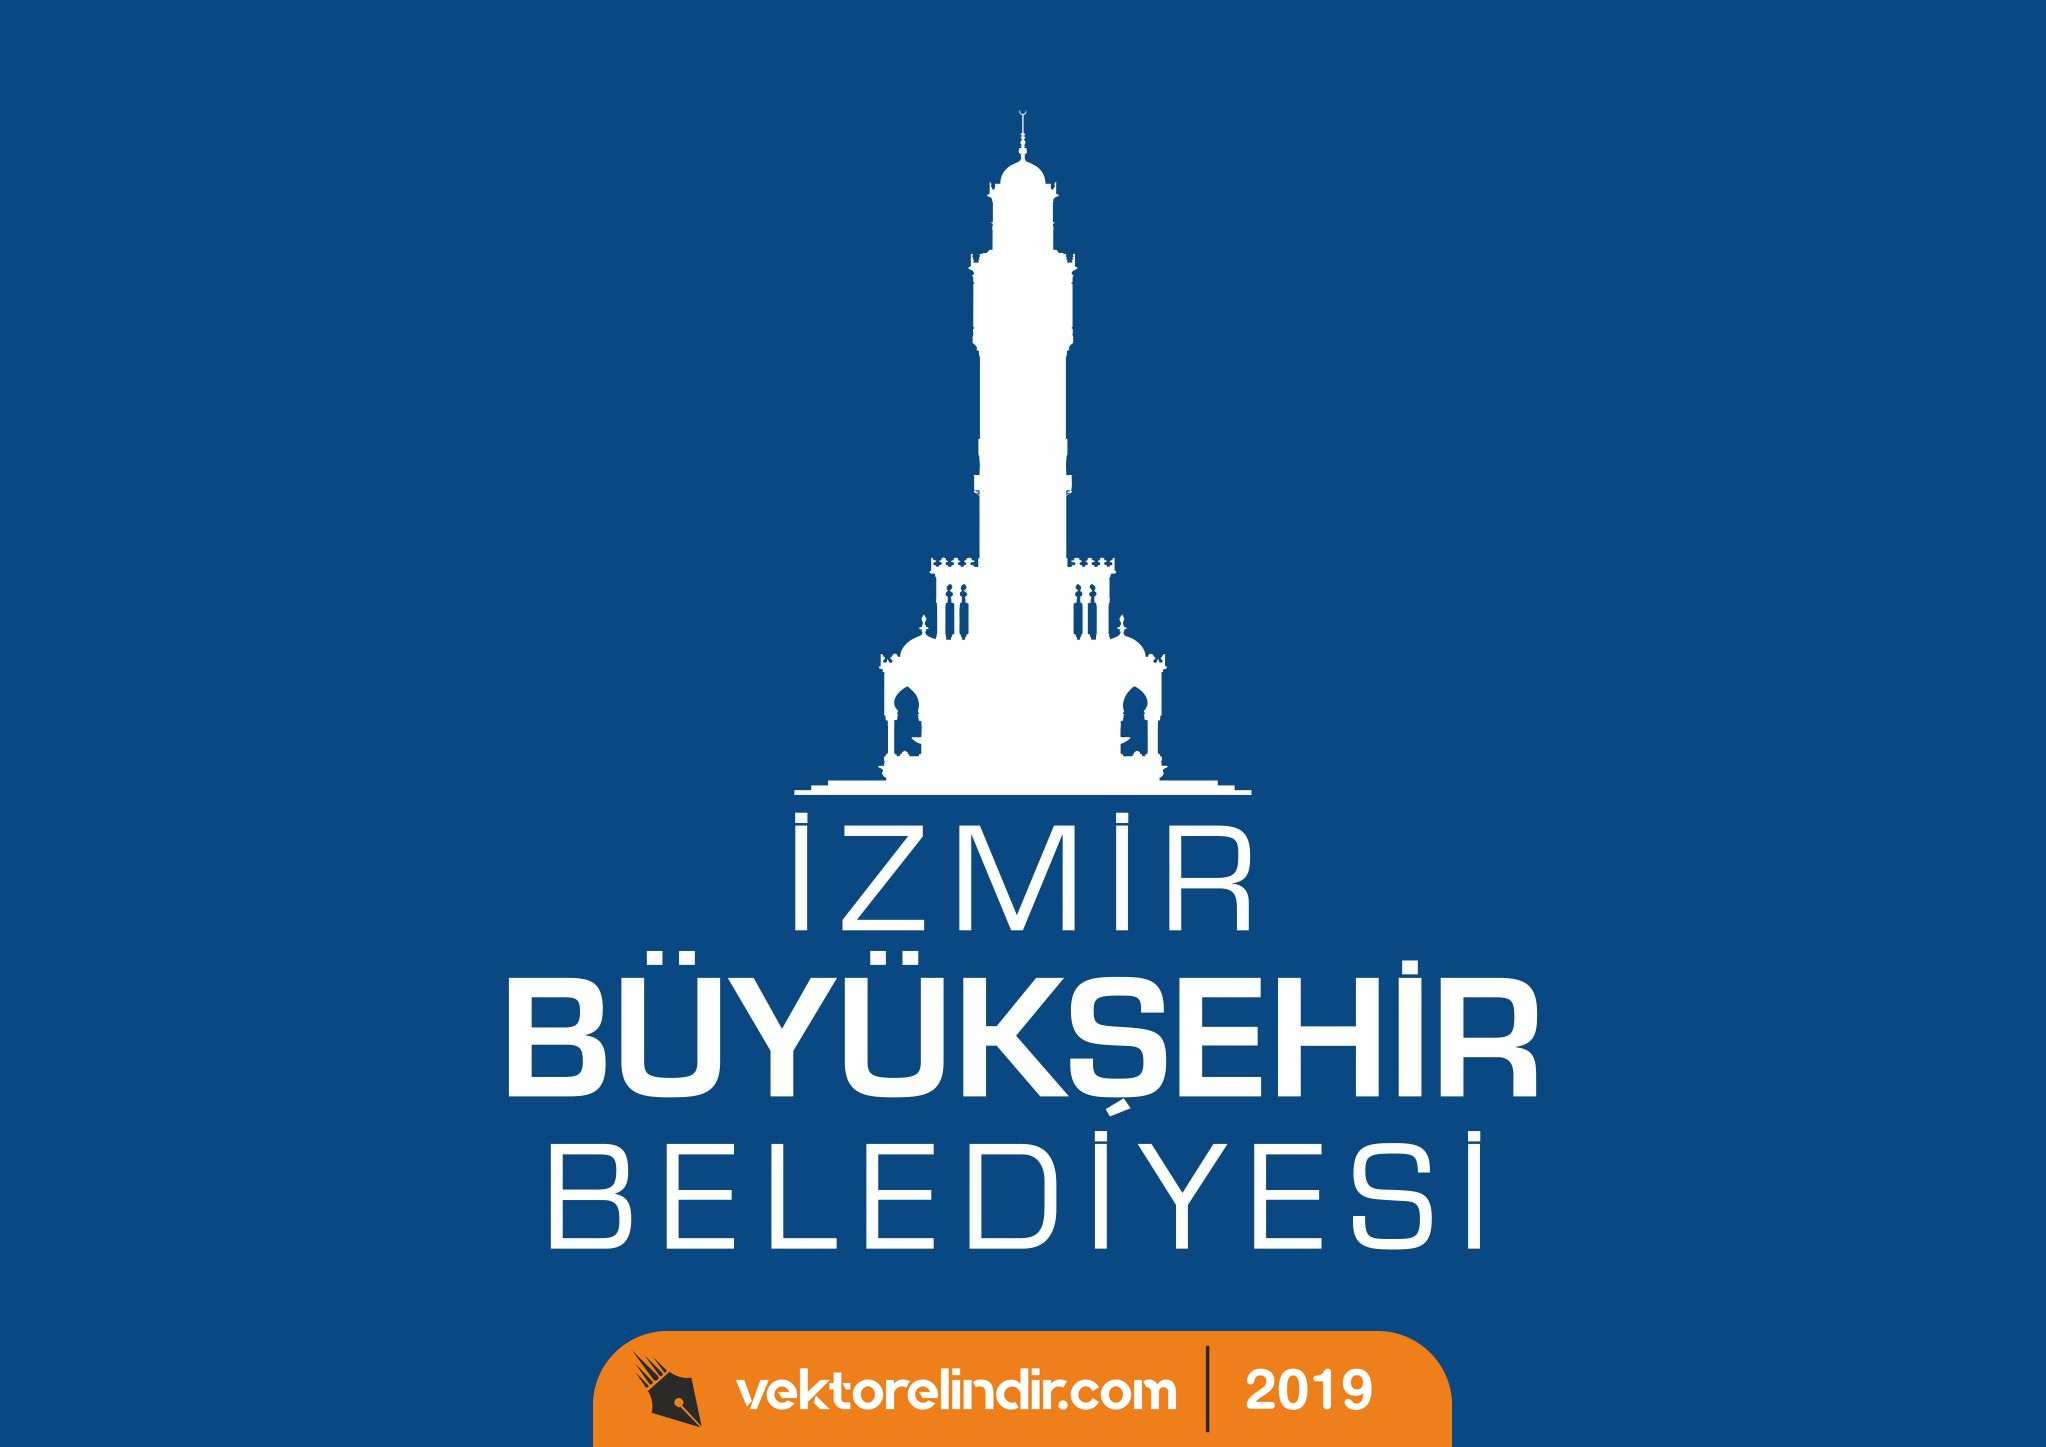 İzmir_Büyükşehir_Belediyesi_Logo_Amblem